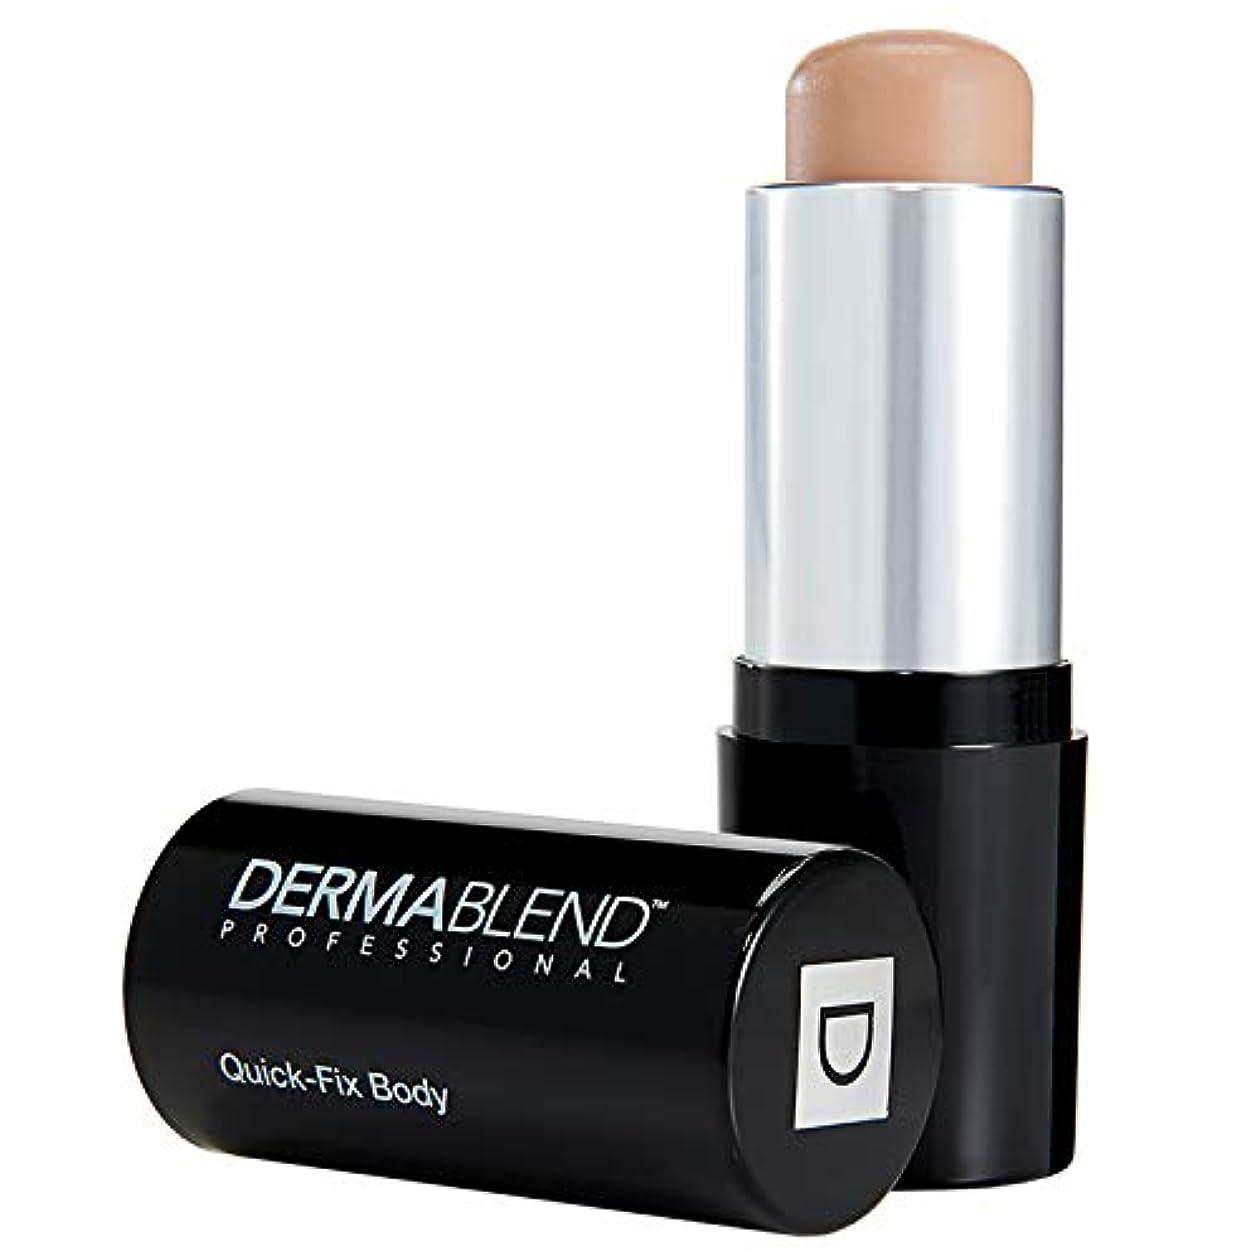 アラブ人より平らな容器Dermablend(ダーマブレンド) Quick Fix Body Full Coverage ファンデーション スティック - Sand 12g/0.42oz